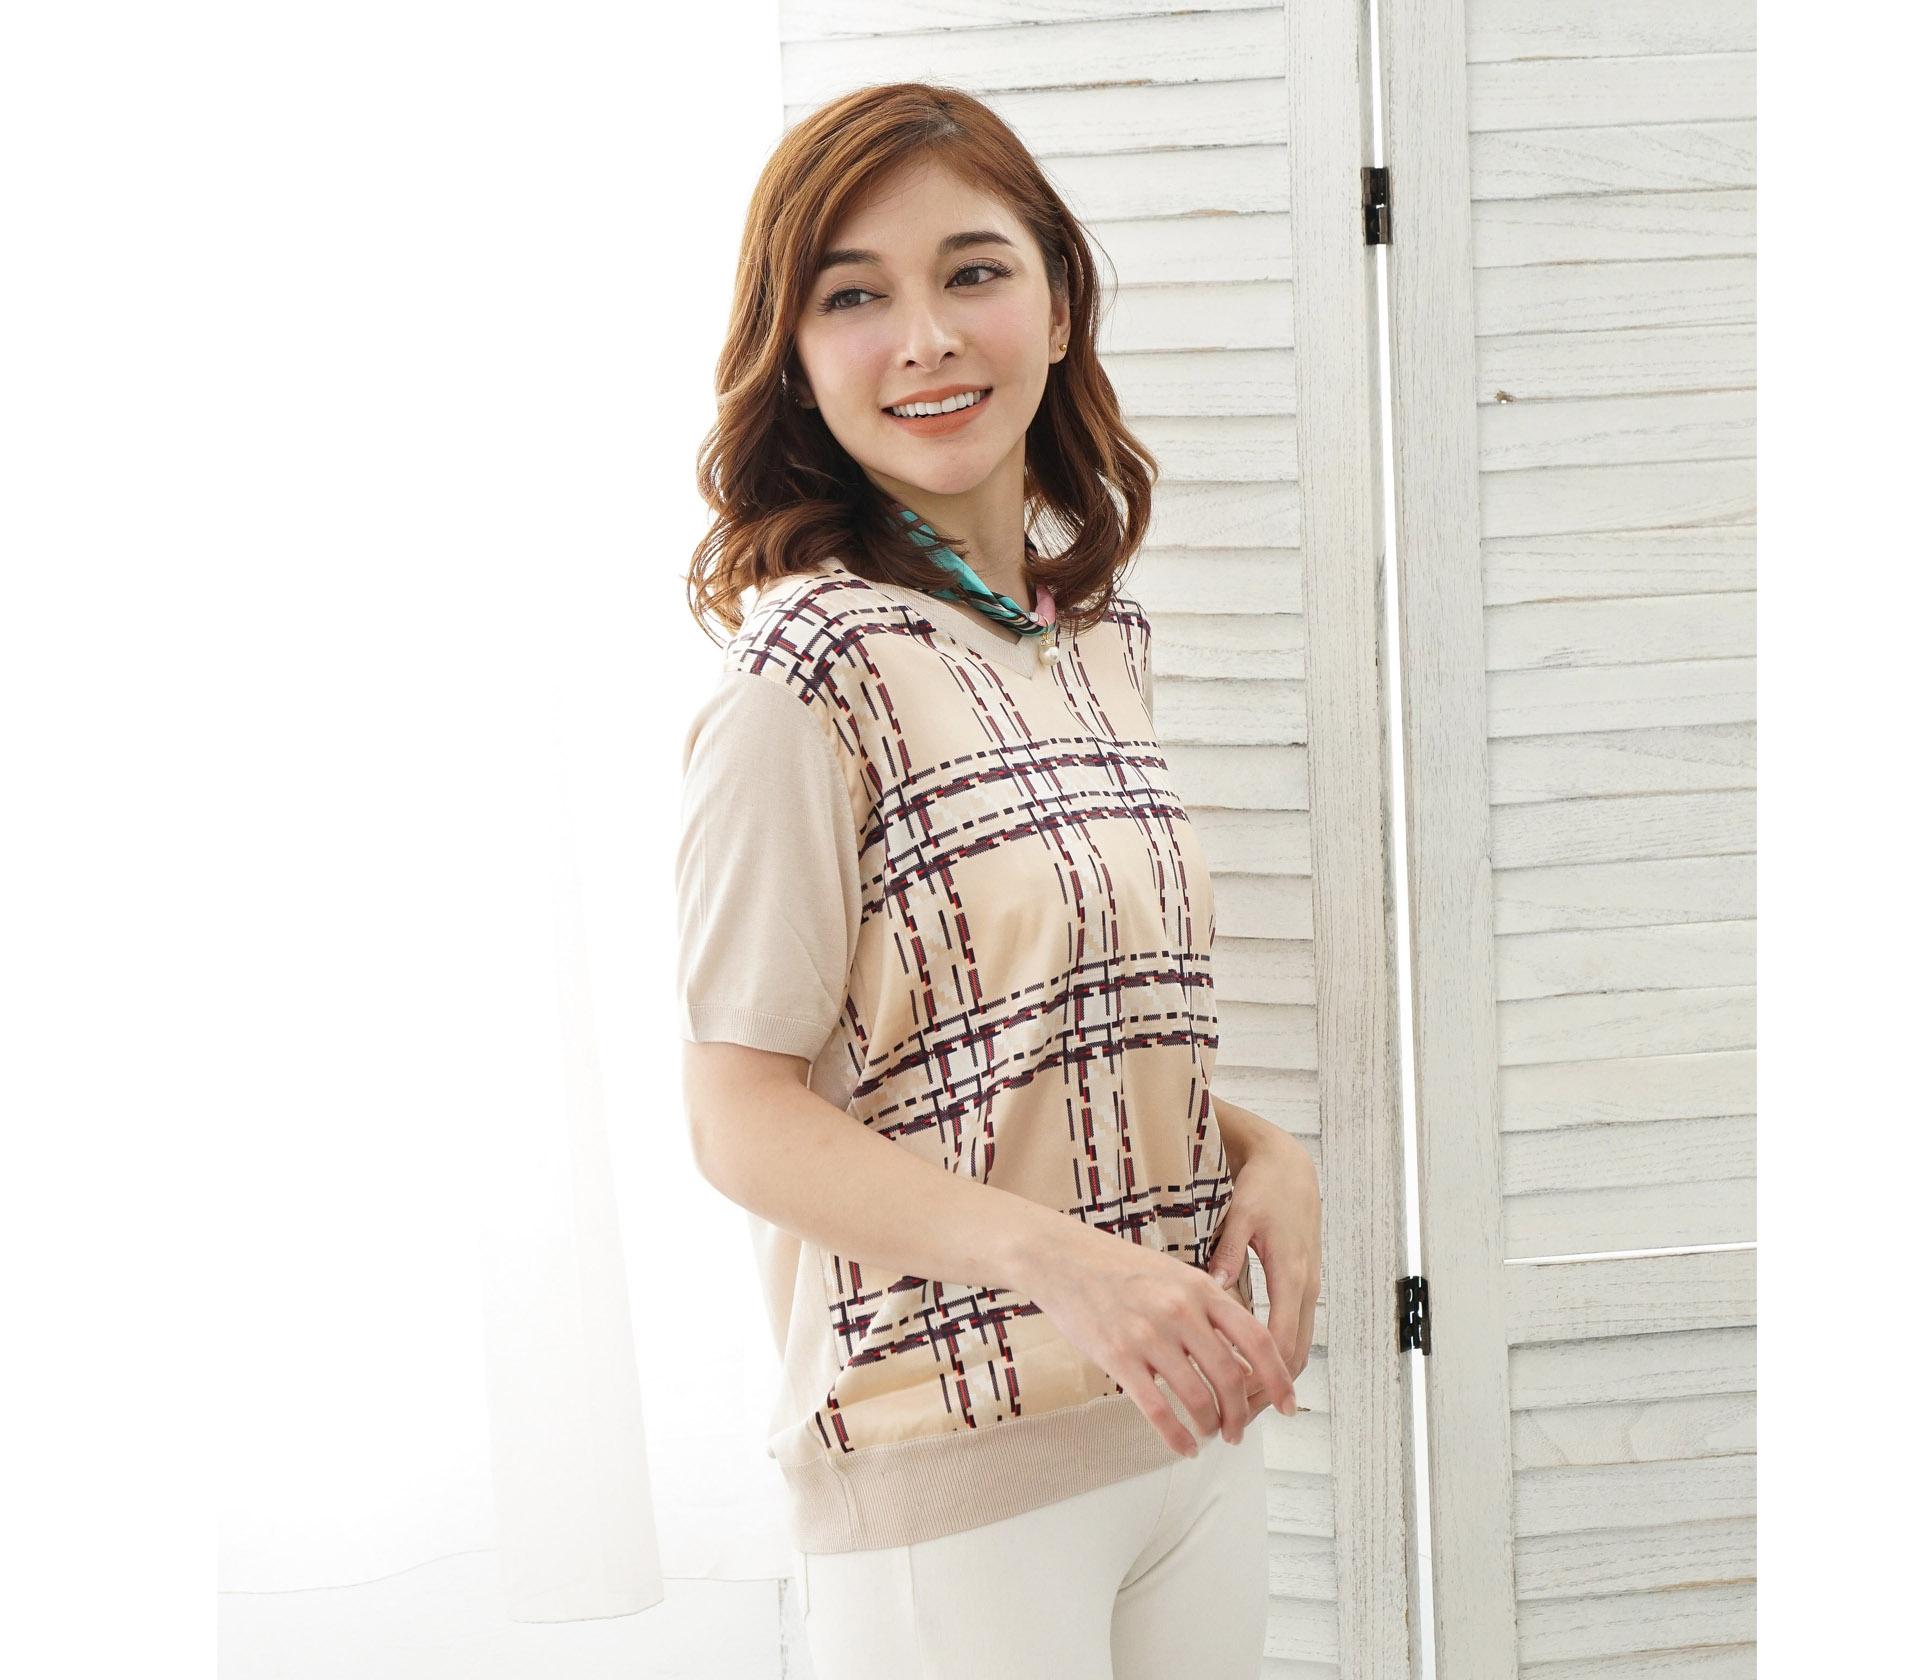 V領拼接滑布格紋米色蠶絲針織短袖上衣 – 米 -6774